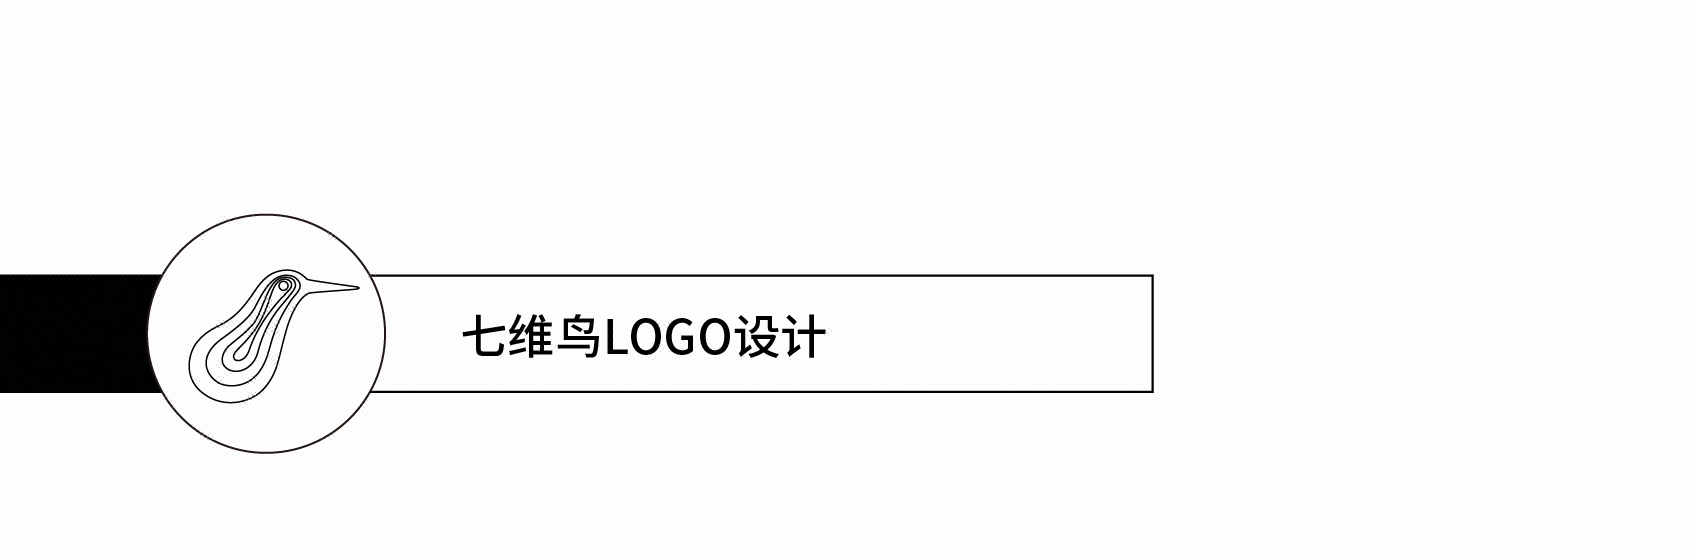 LOGO_字体设计文字logo公司企业品牌标志图标设计17